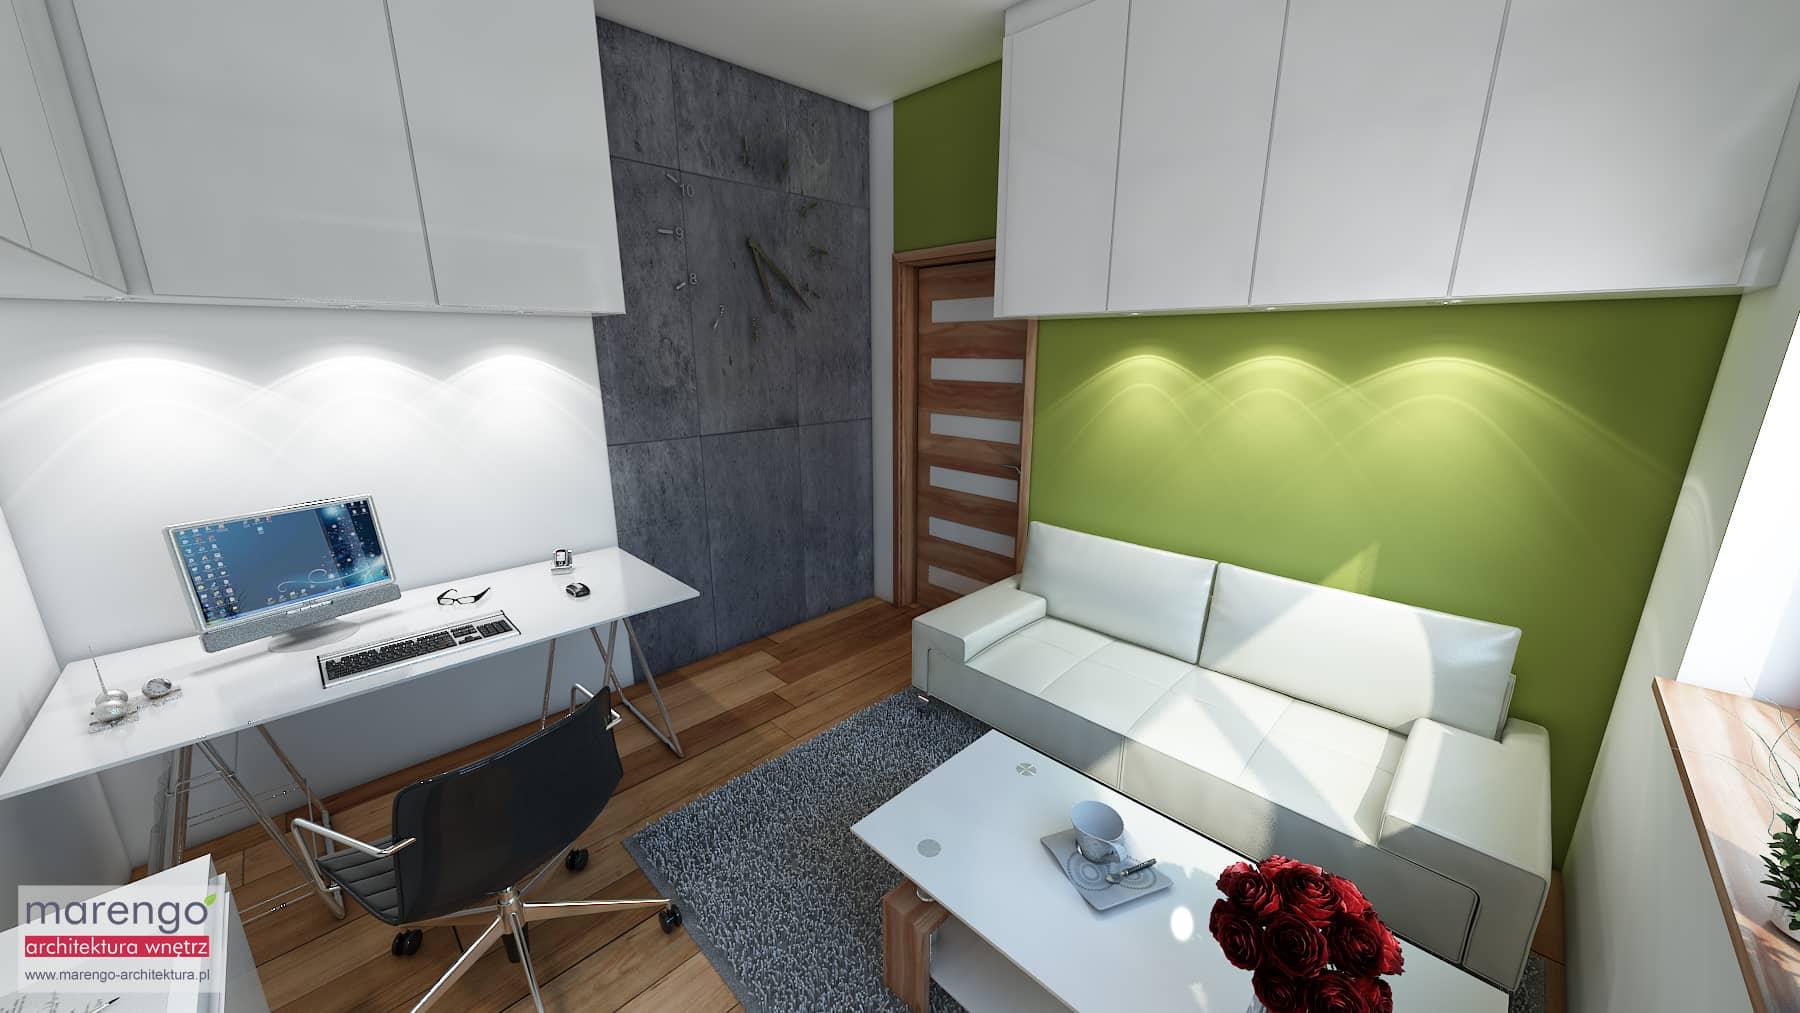 Pokój gościnny czy gabinet? Marengo Architektura